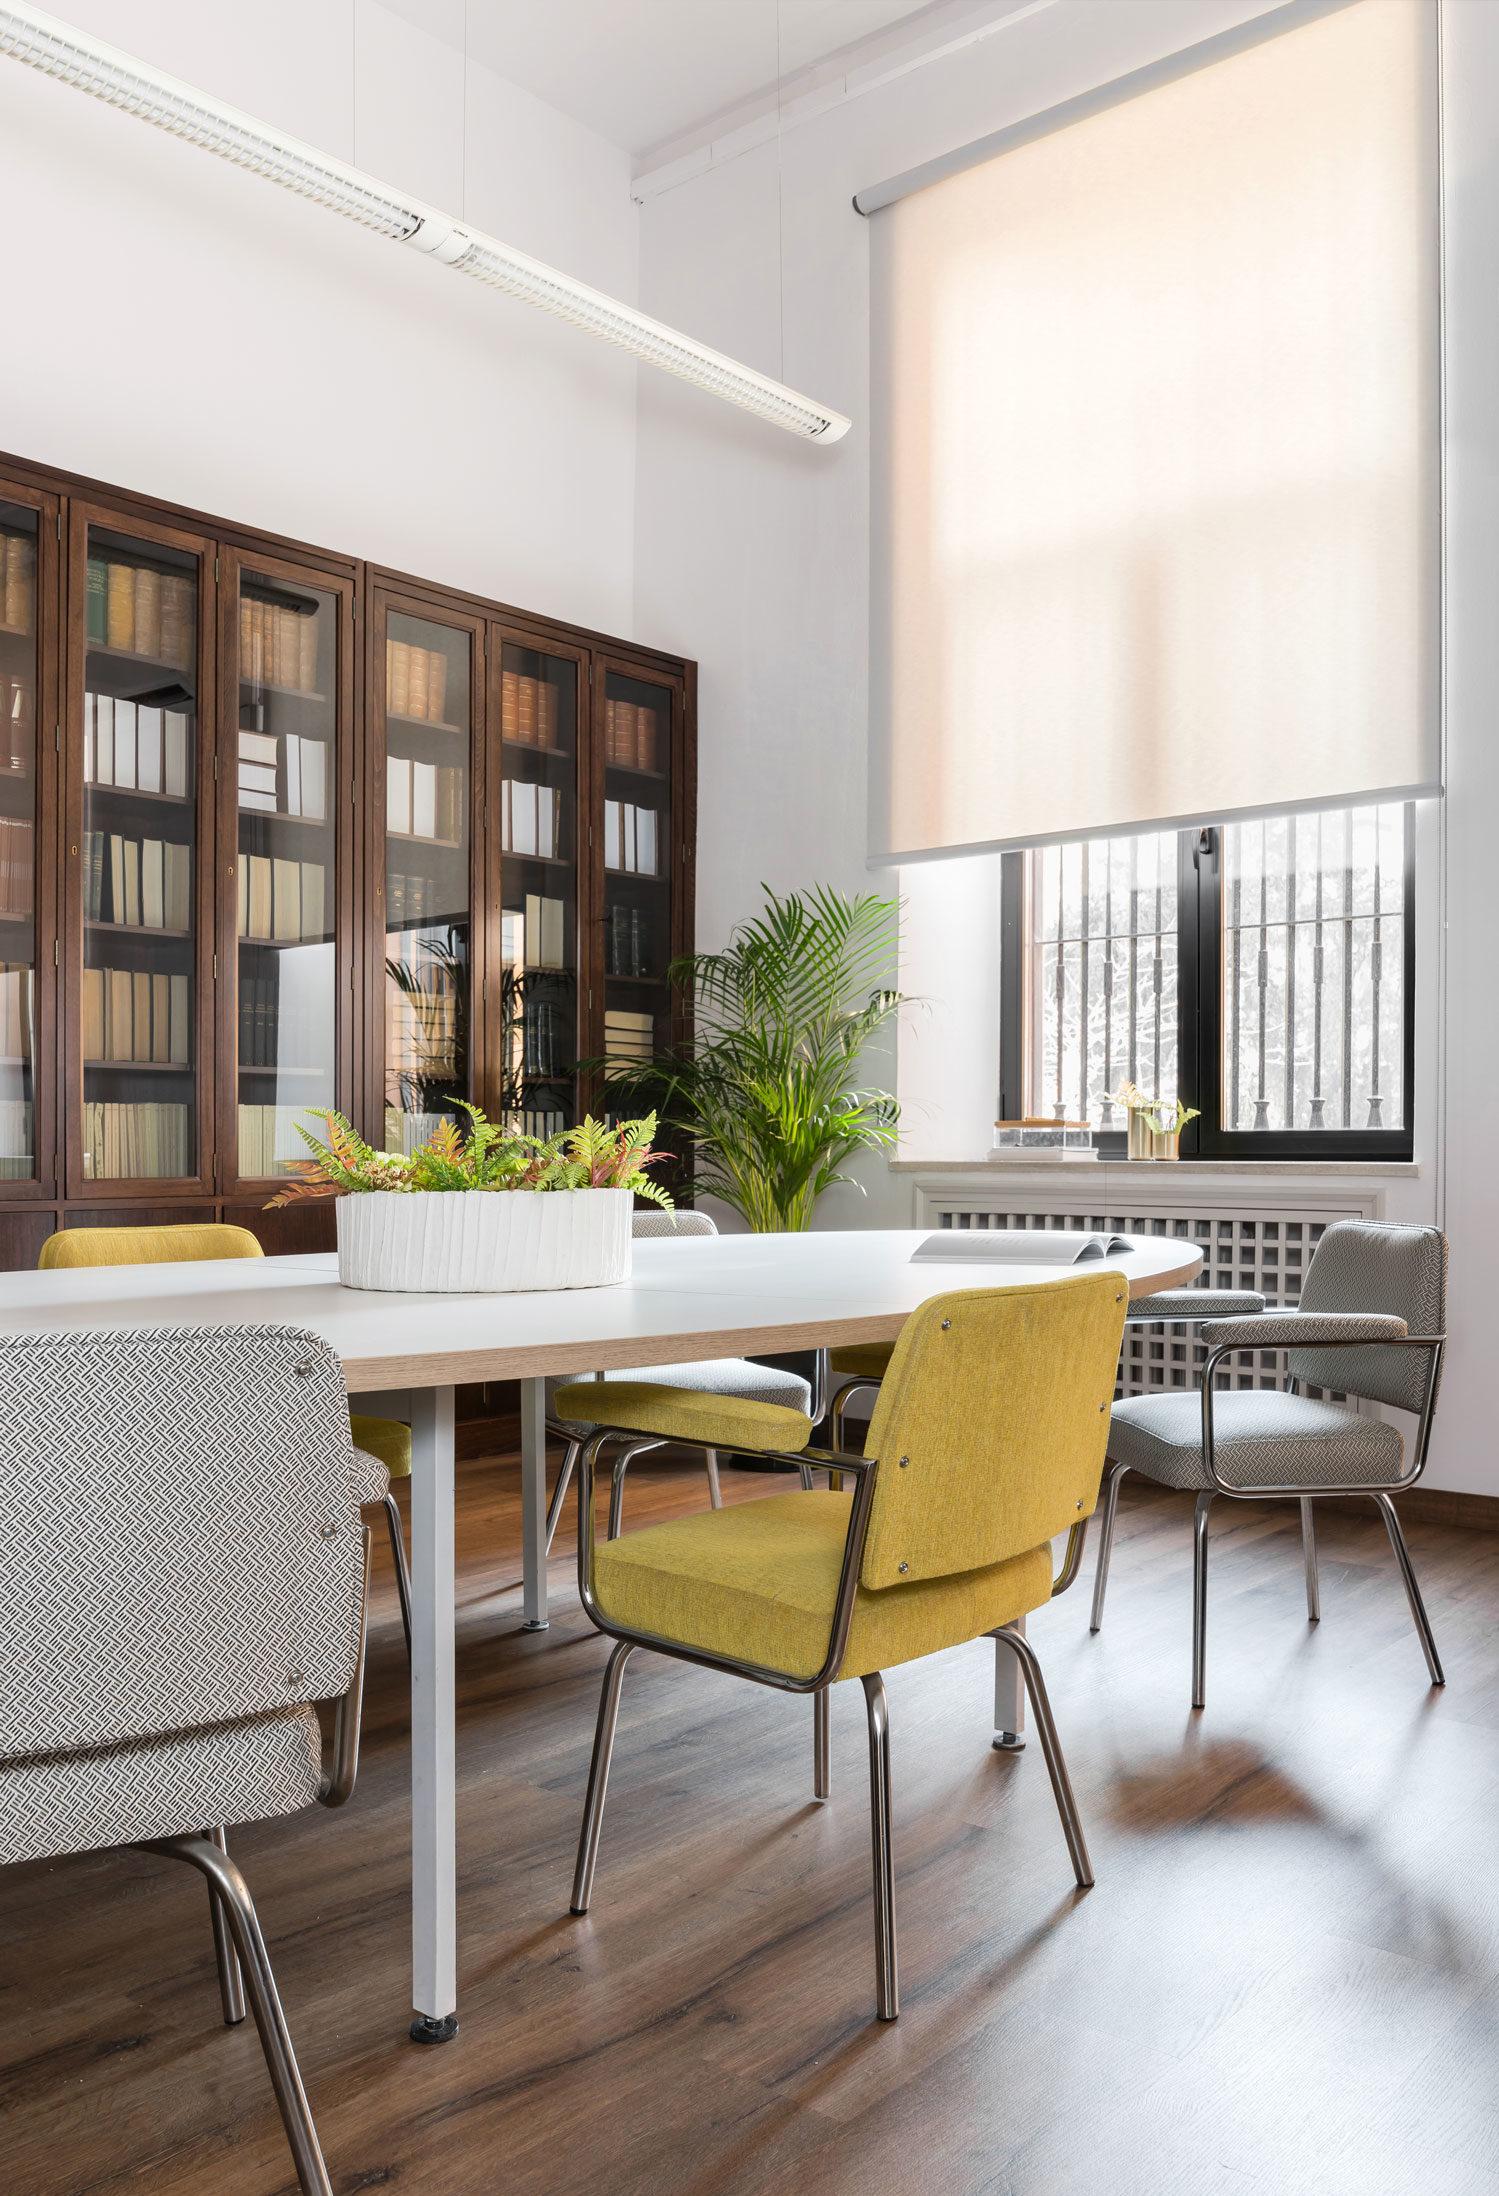 sala de profesores con muebles actualizados por Deleite Design